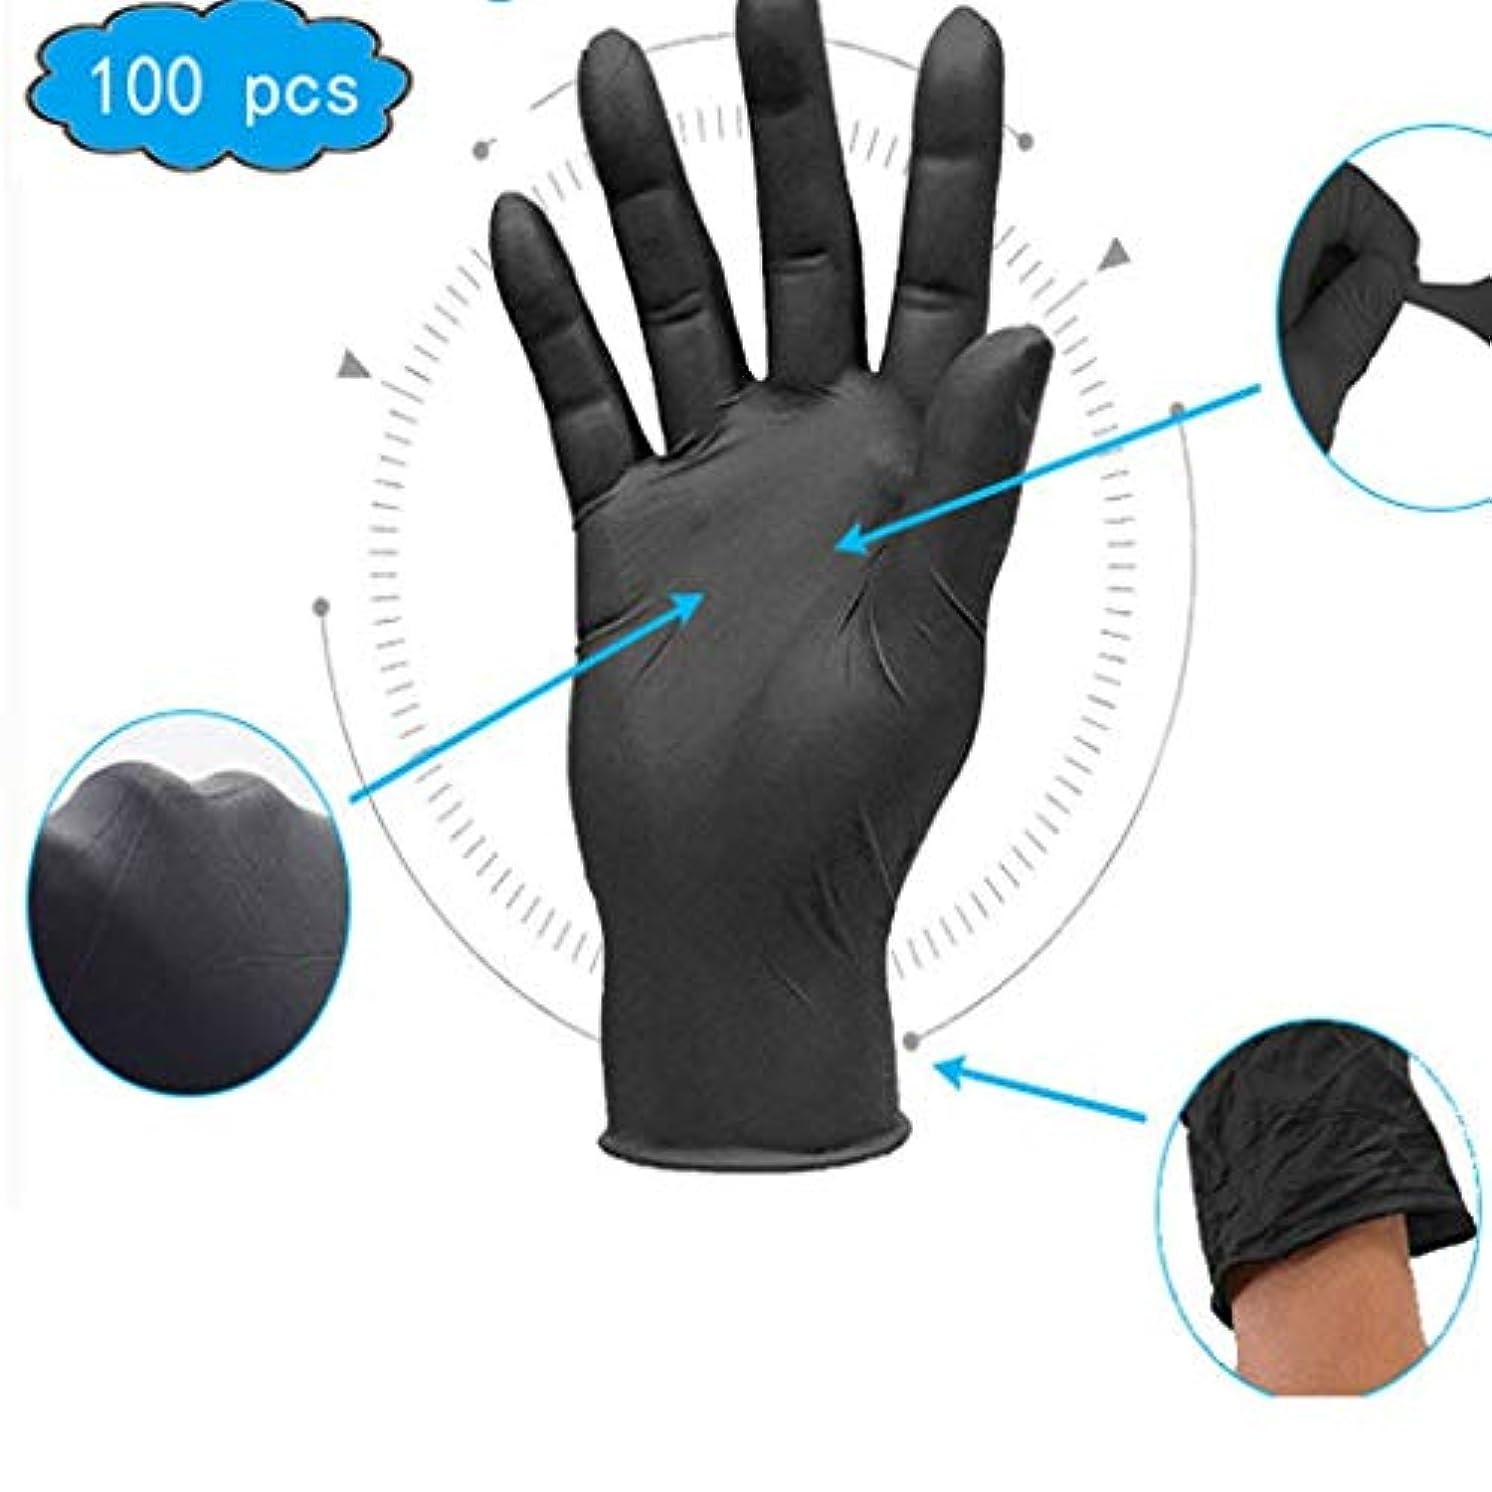 バルブマングル最大の使い捨て手袋 - 健康における、パウダーフリー、ラテックスフリー、大型の100箱、サニタリーグローブ、家庭用ベビーケア用品、研究室および科学製品 (Color : Black, Size : XL)